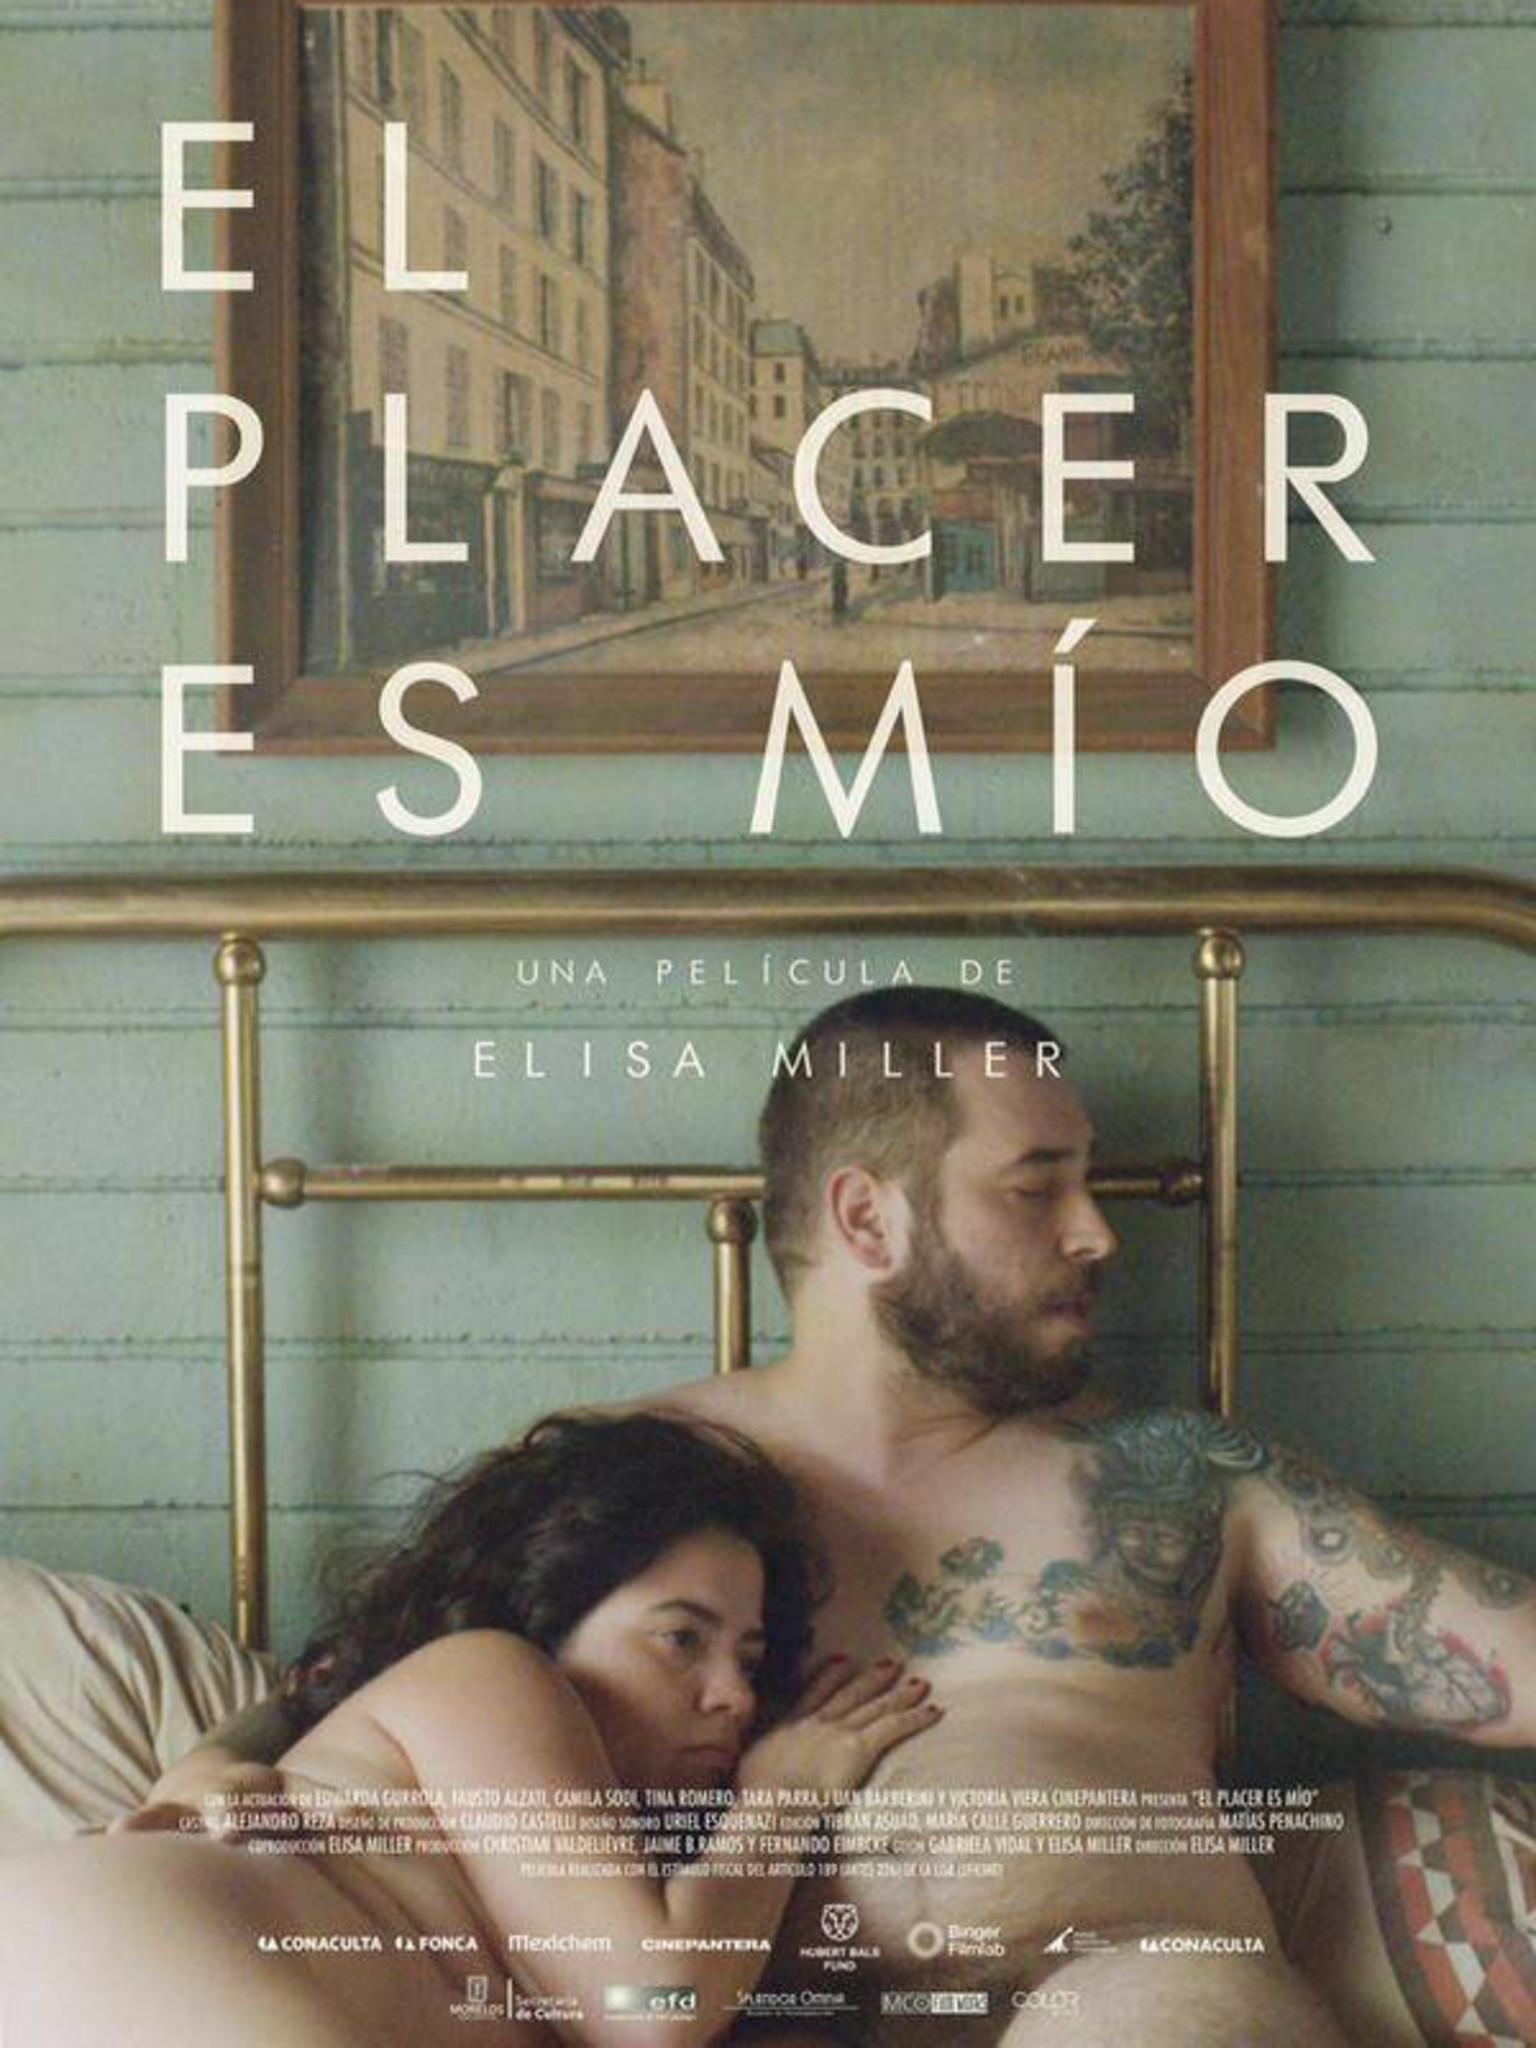 Peliculas Eroticas cine erotico ver peliculas online